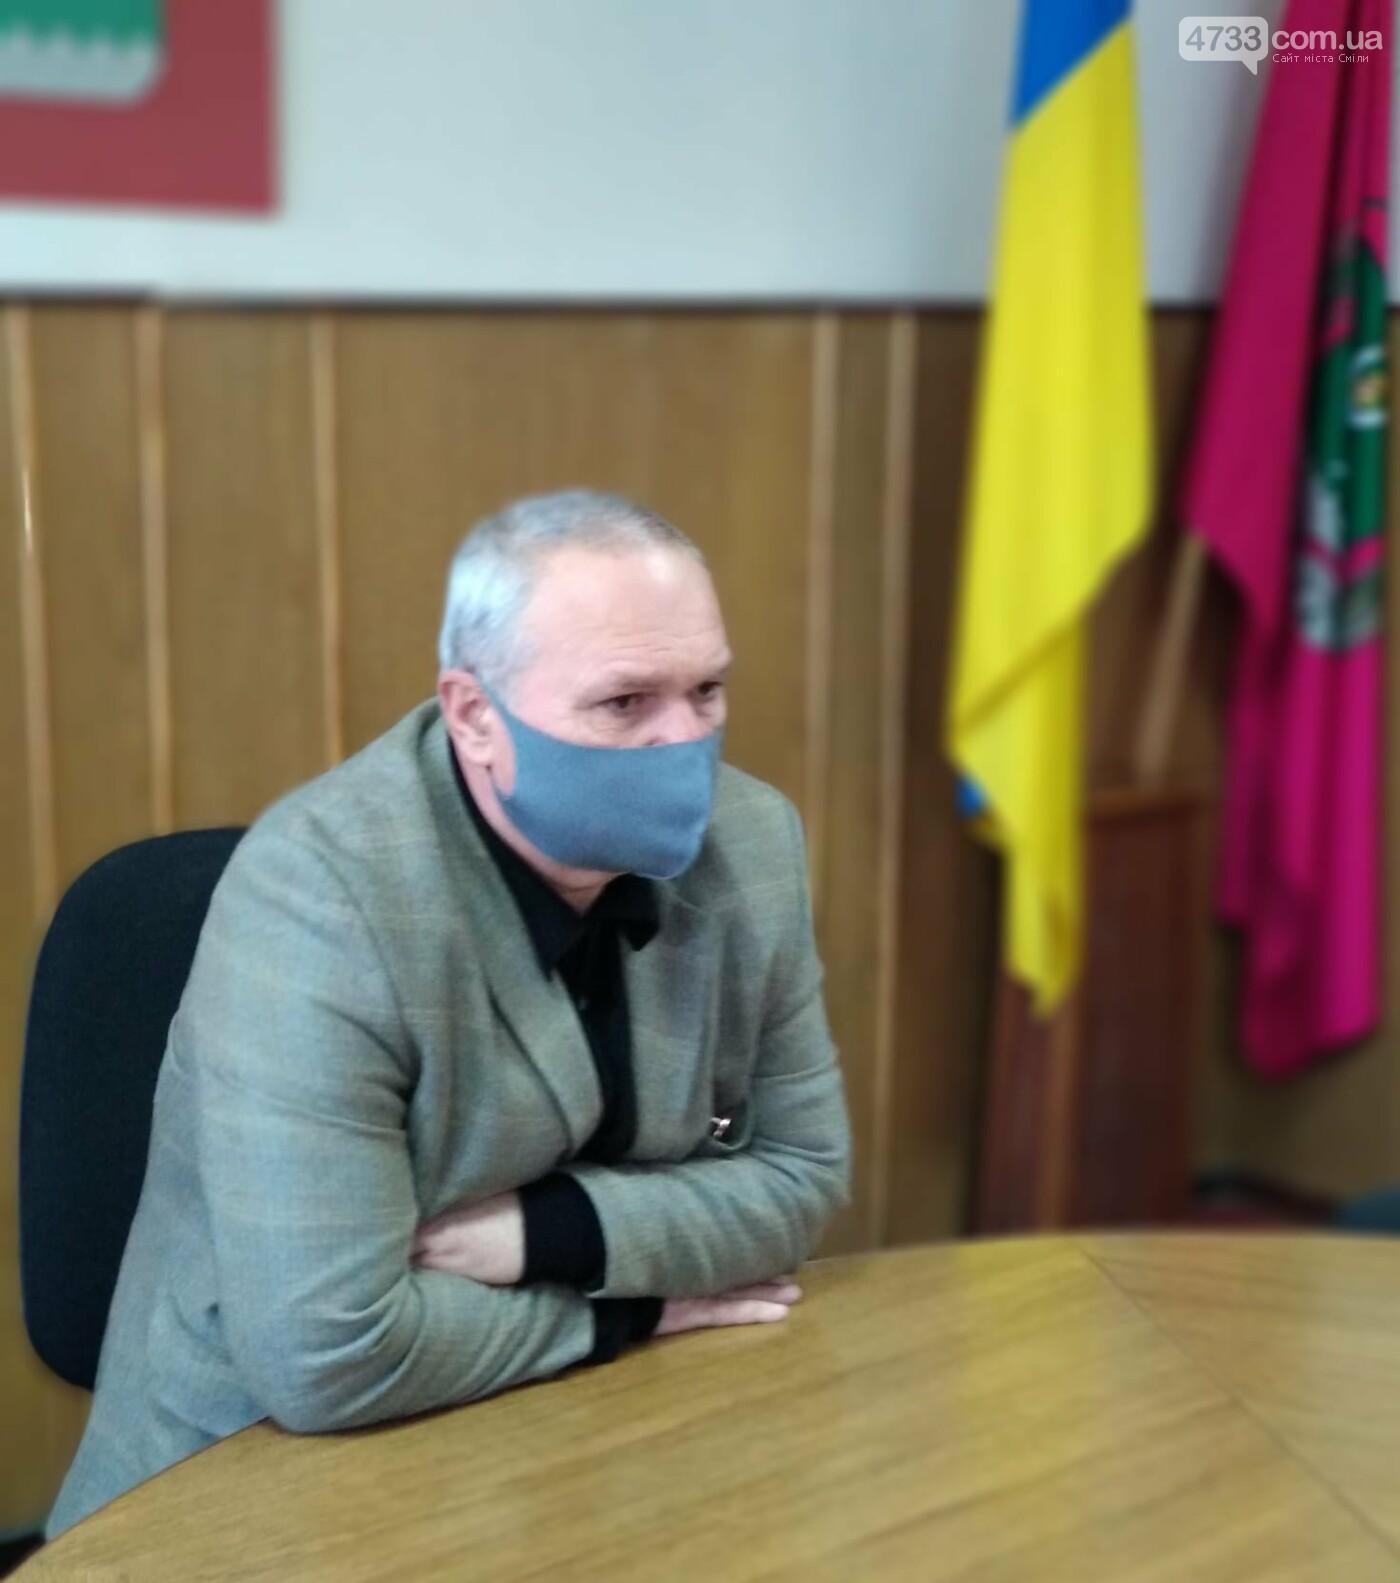 Смілянам виплатять 77 тисяч матеріальної допомоги, фото-1, Смілянська міська рада